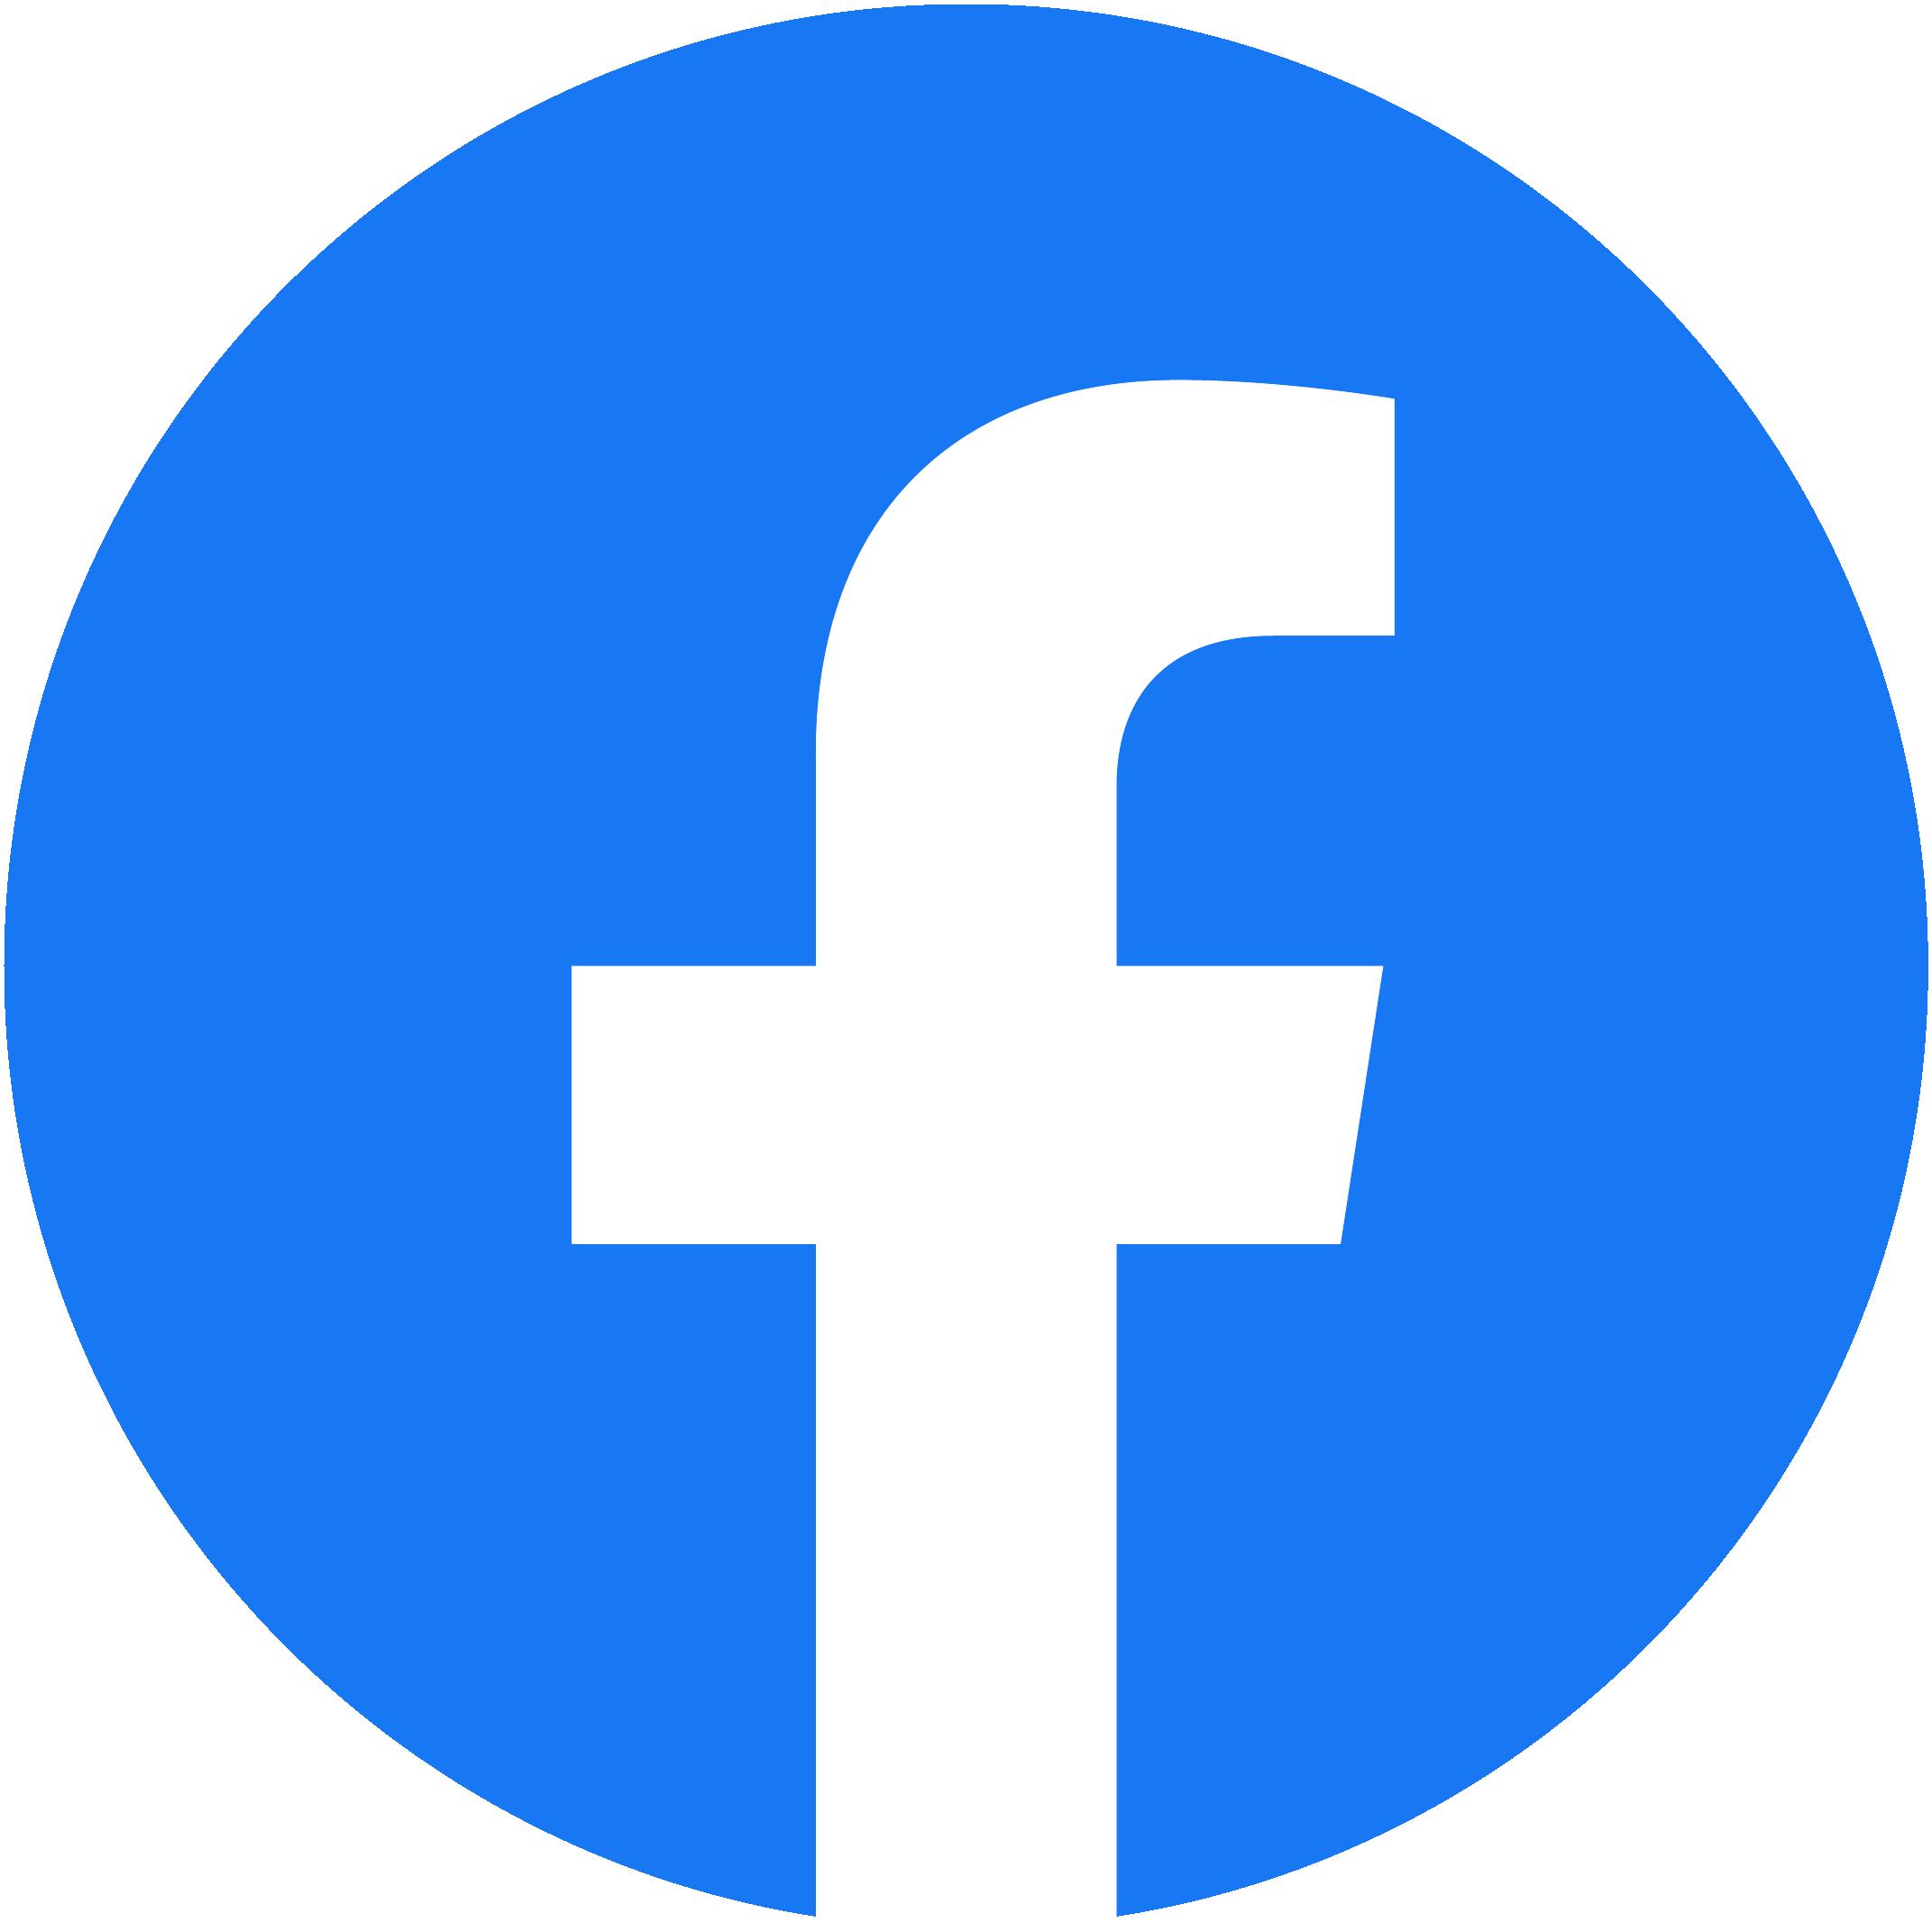 File:Facebook Logo (2019).png.